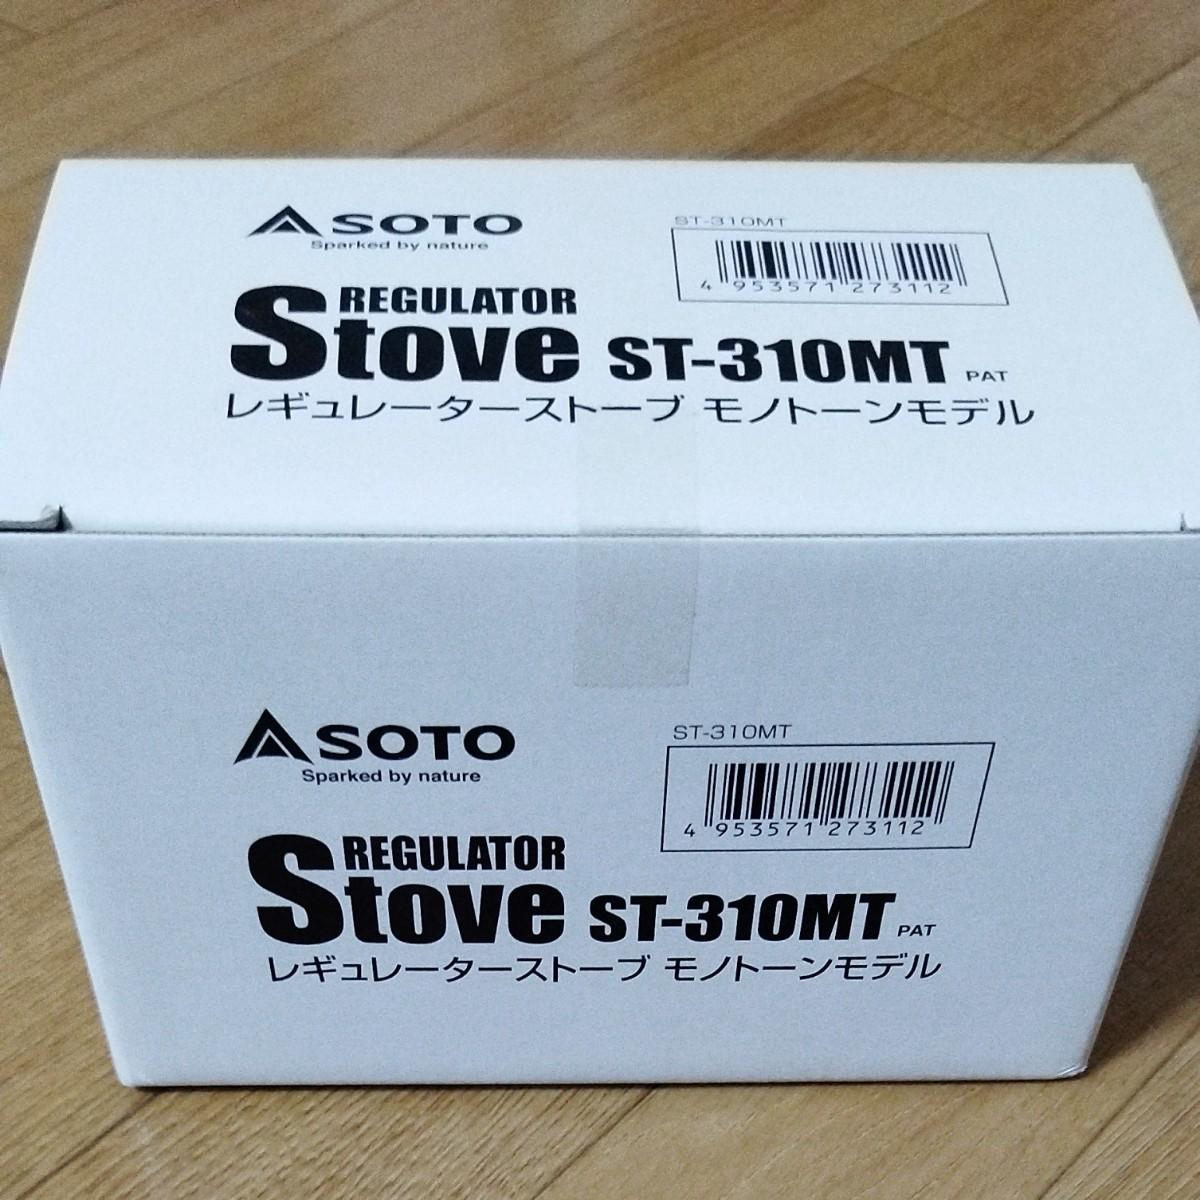 SOTO レギュレーターストーブ ST-310MT モノトーンモデル シングルバーナー